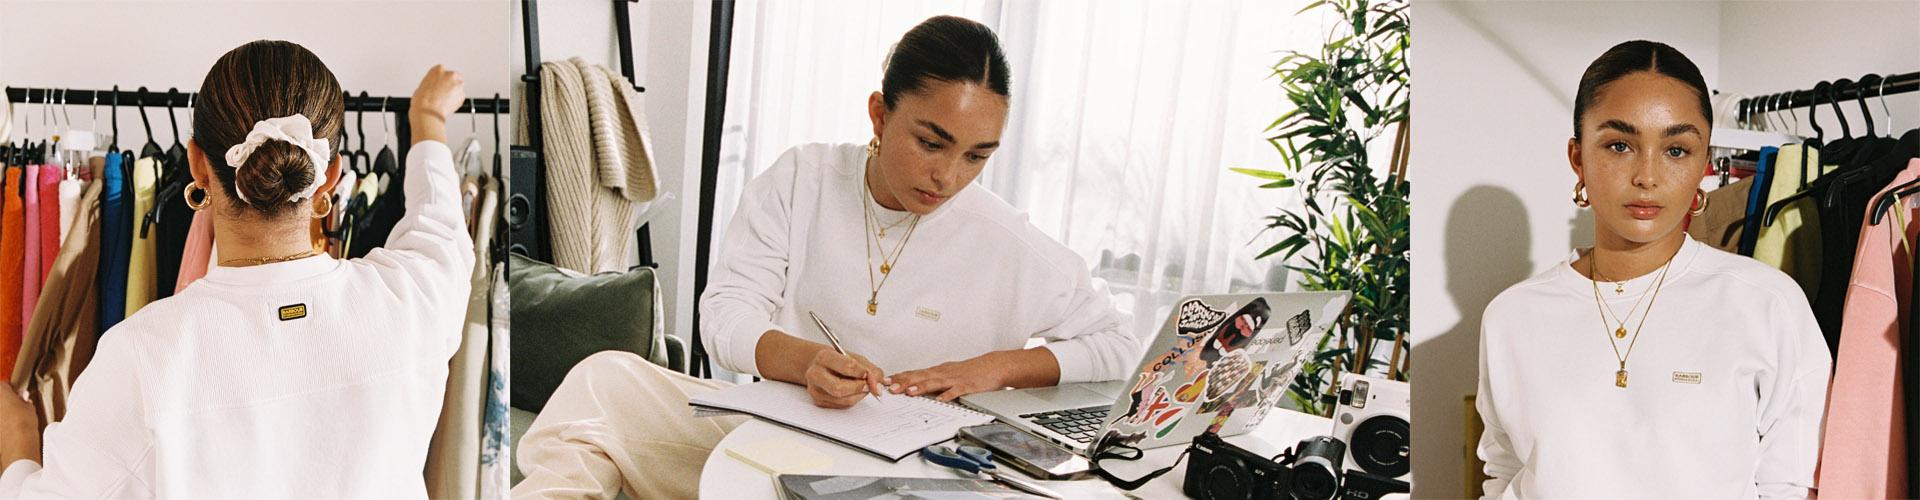 Rachel Williams Creative Consulting